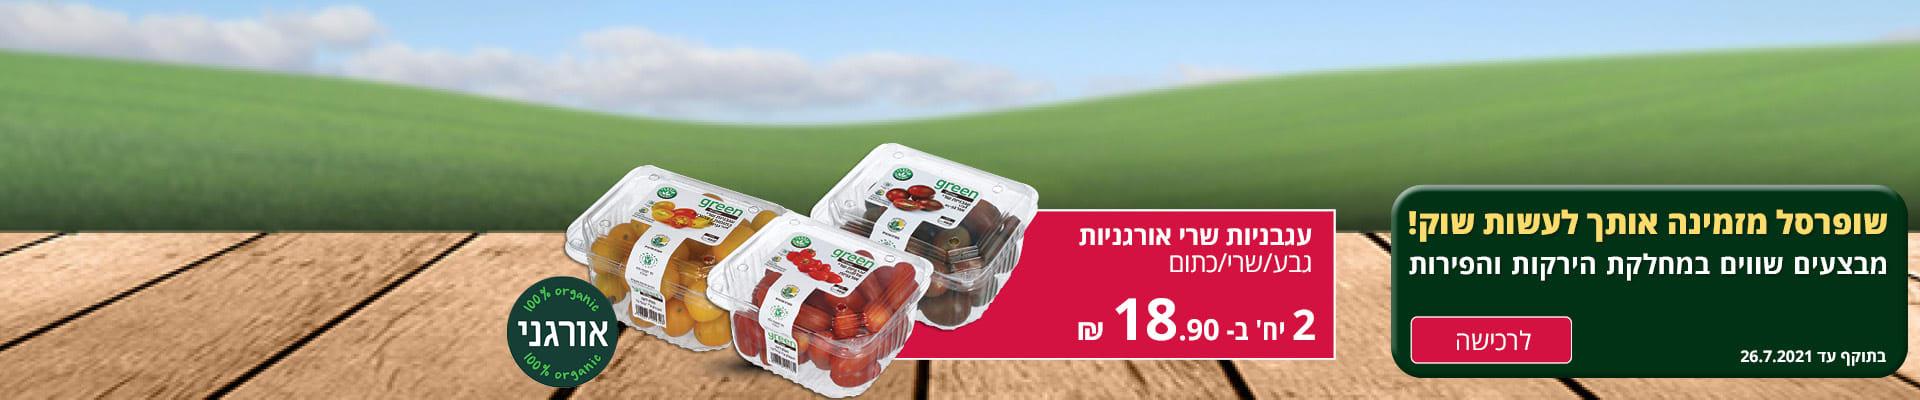 שופרסל מזמינה אותך לעשות שוק! מבצעים שווים במחלקת הירקות והפירות עגבניות שרי אורגניות גבע/שרי/כתום 2 יח' ב- 18.90 ₪ לרכישה בתוקף עד 26.7.2021